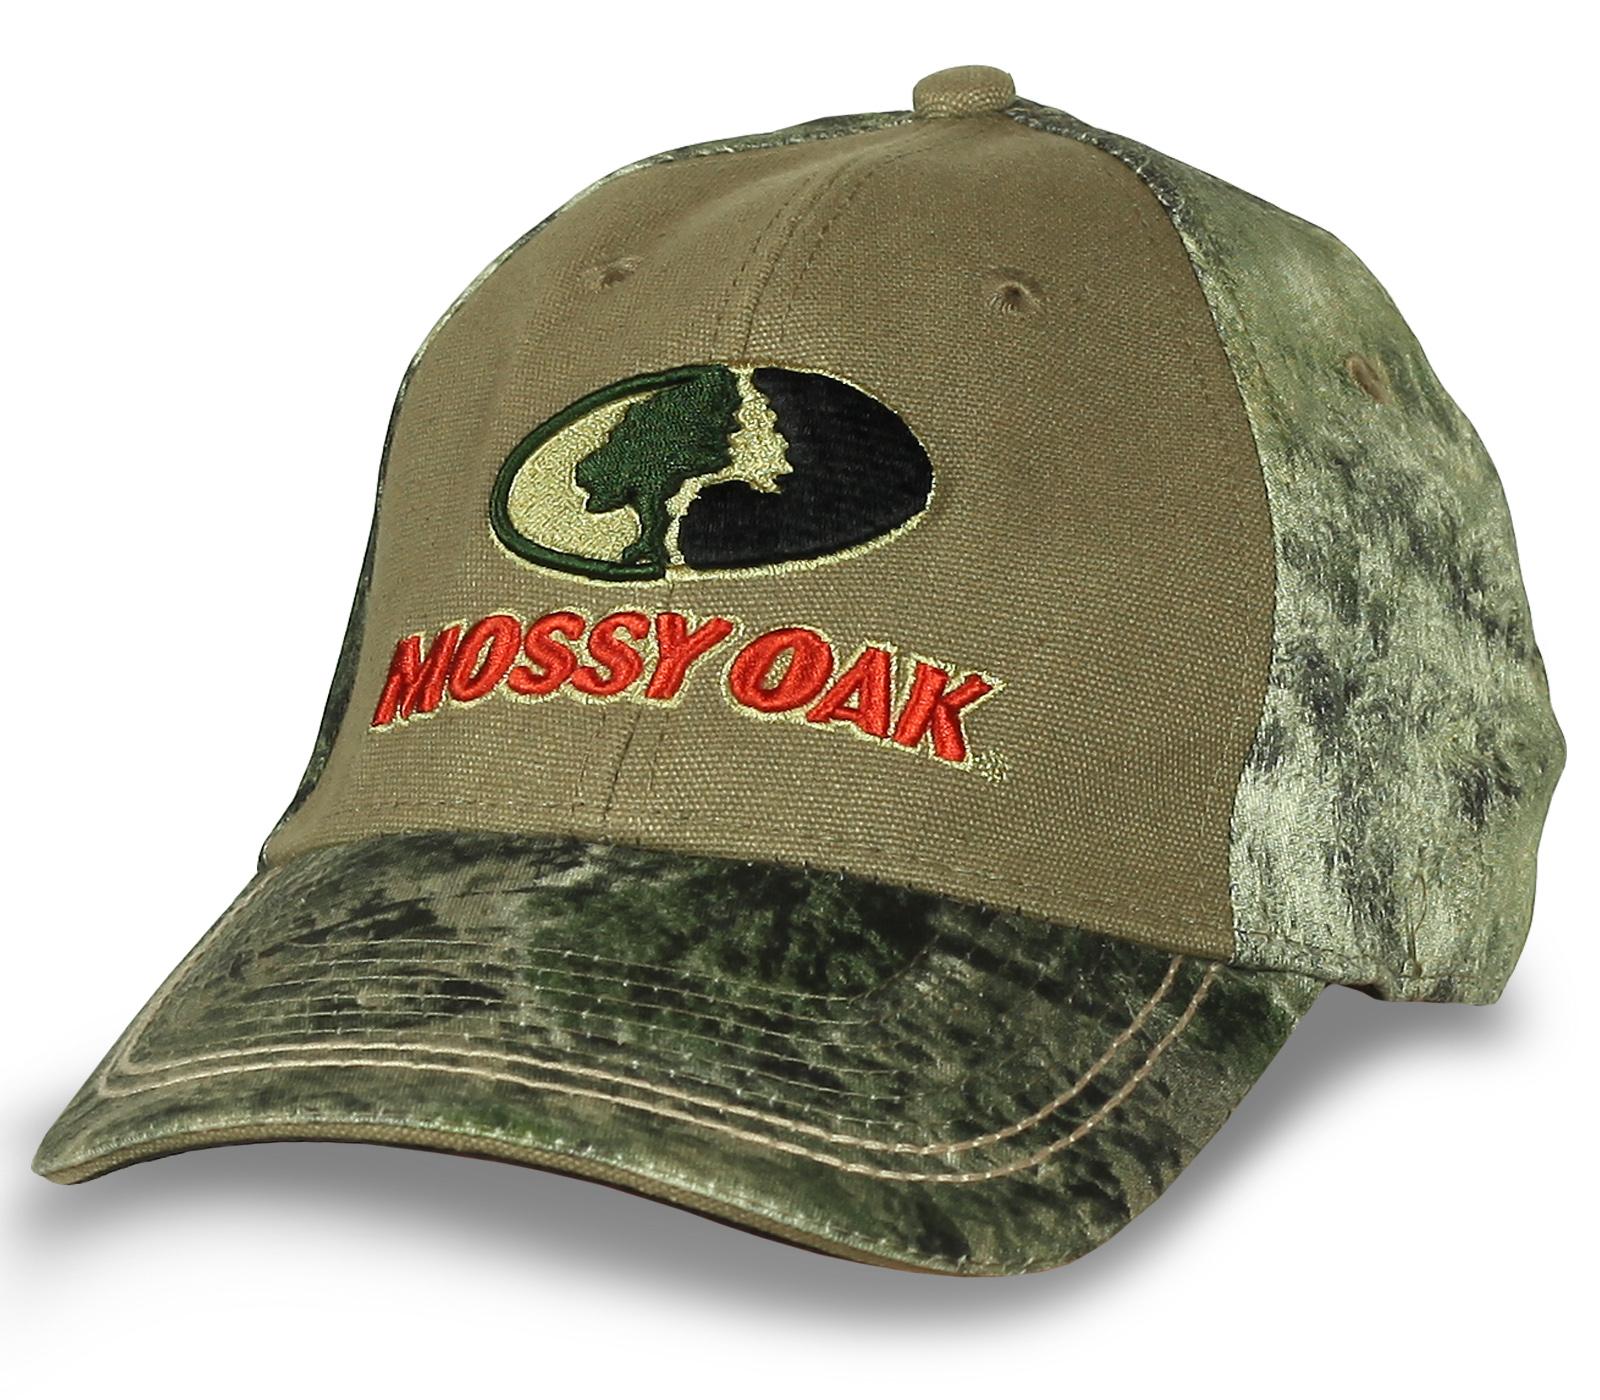 Mossy Oak бейсболка с лесным ярким камуфляжем